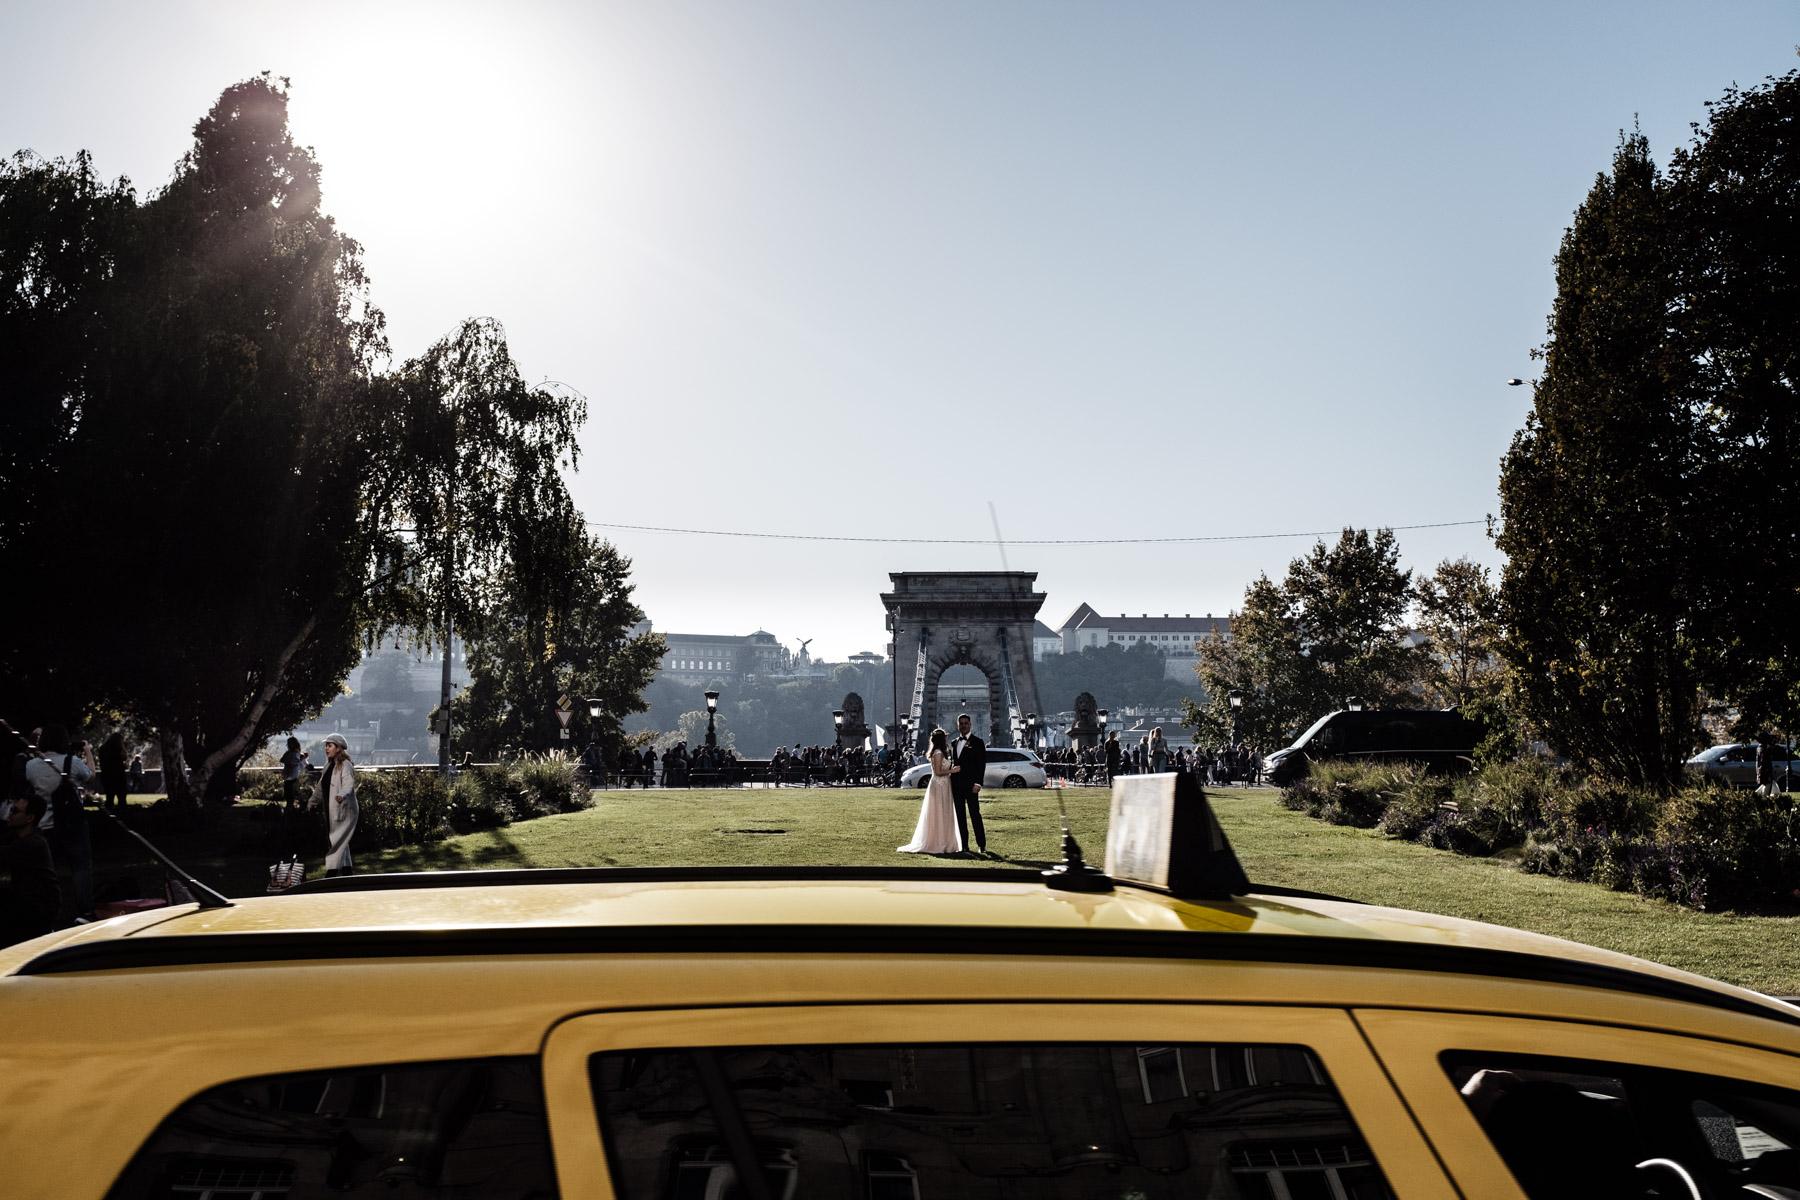 MartinLiebl_Kein_Hochzeitsfotograf_No_Wedding_Photographer_Budapest_Gresham_Palace_021.jpg